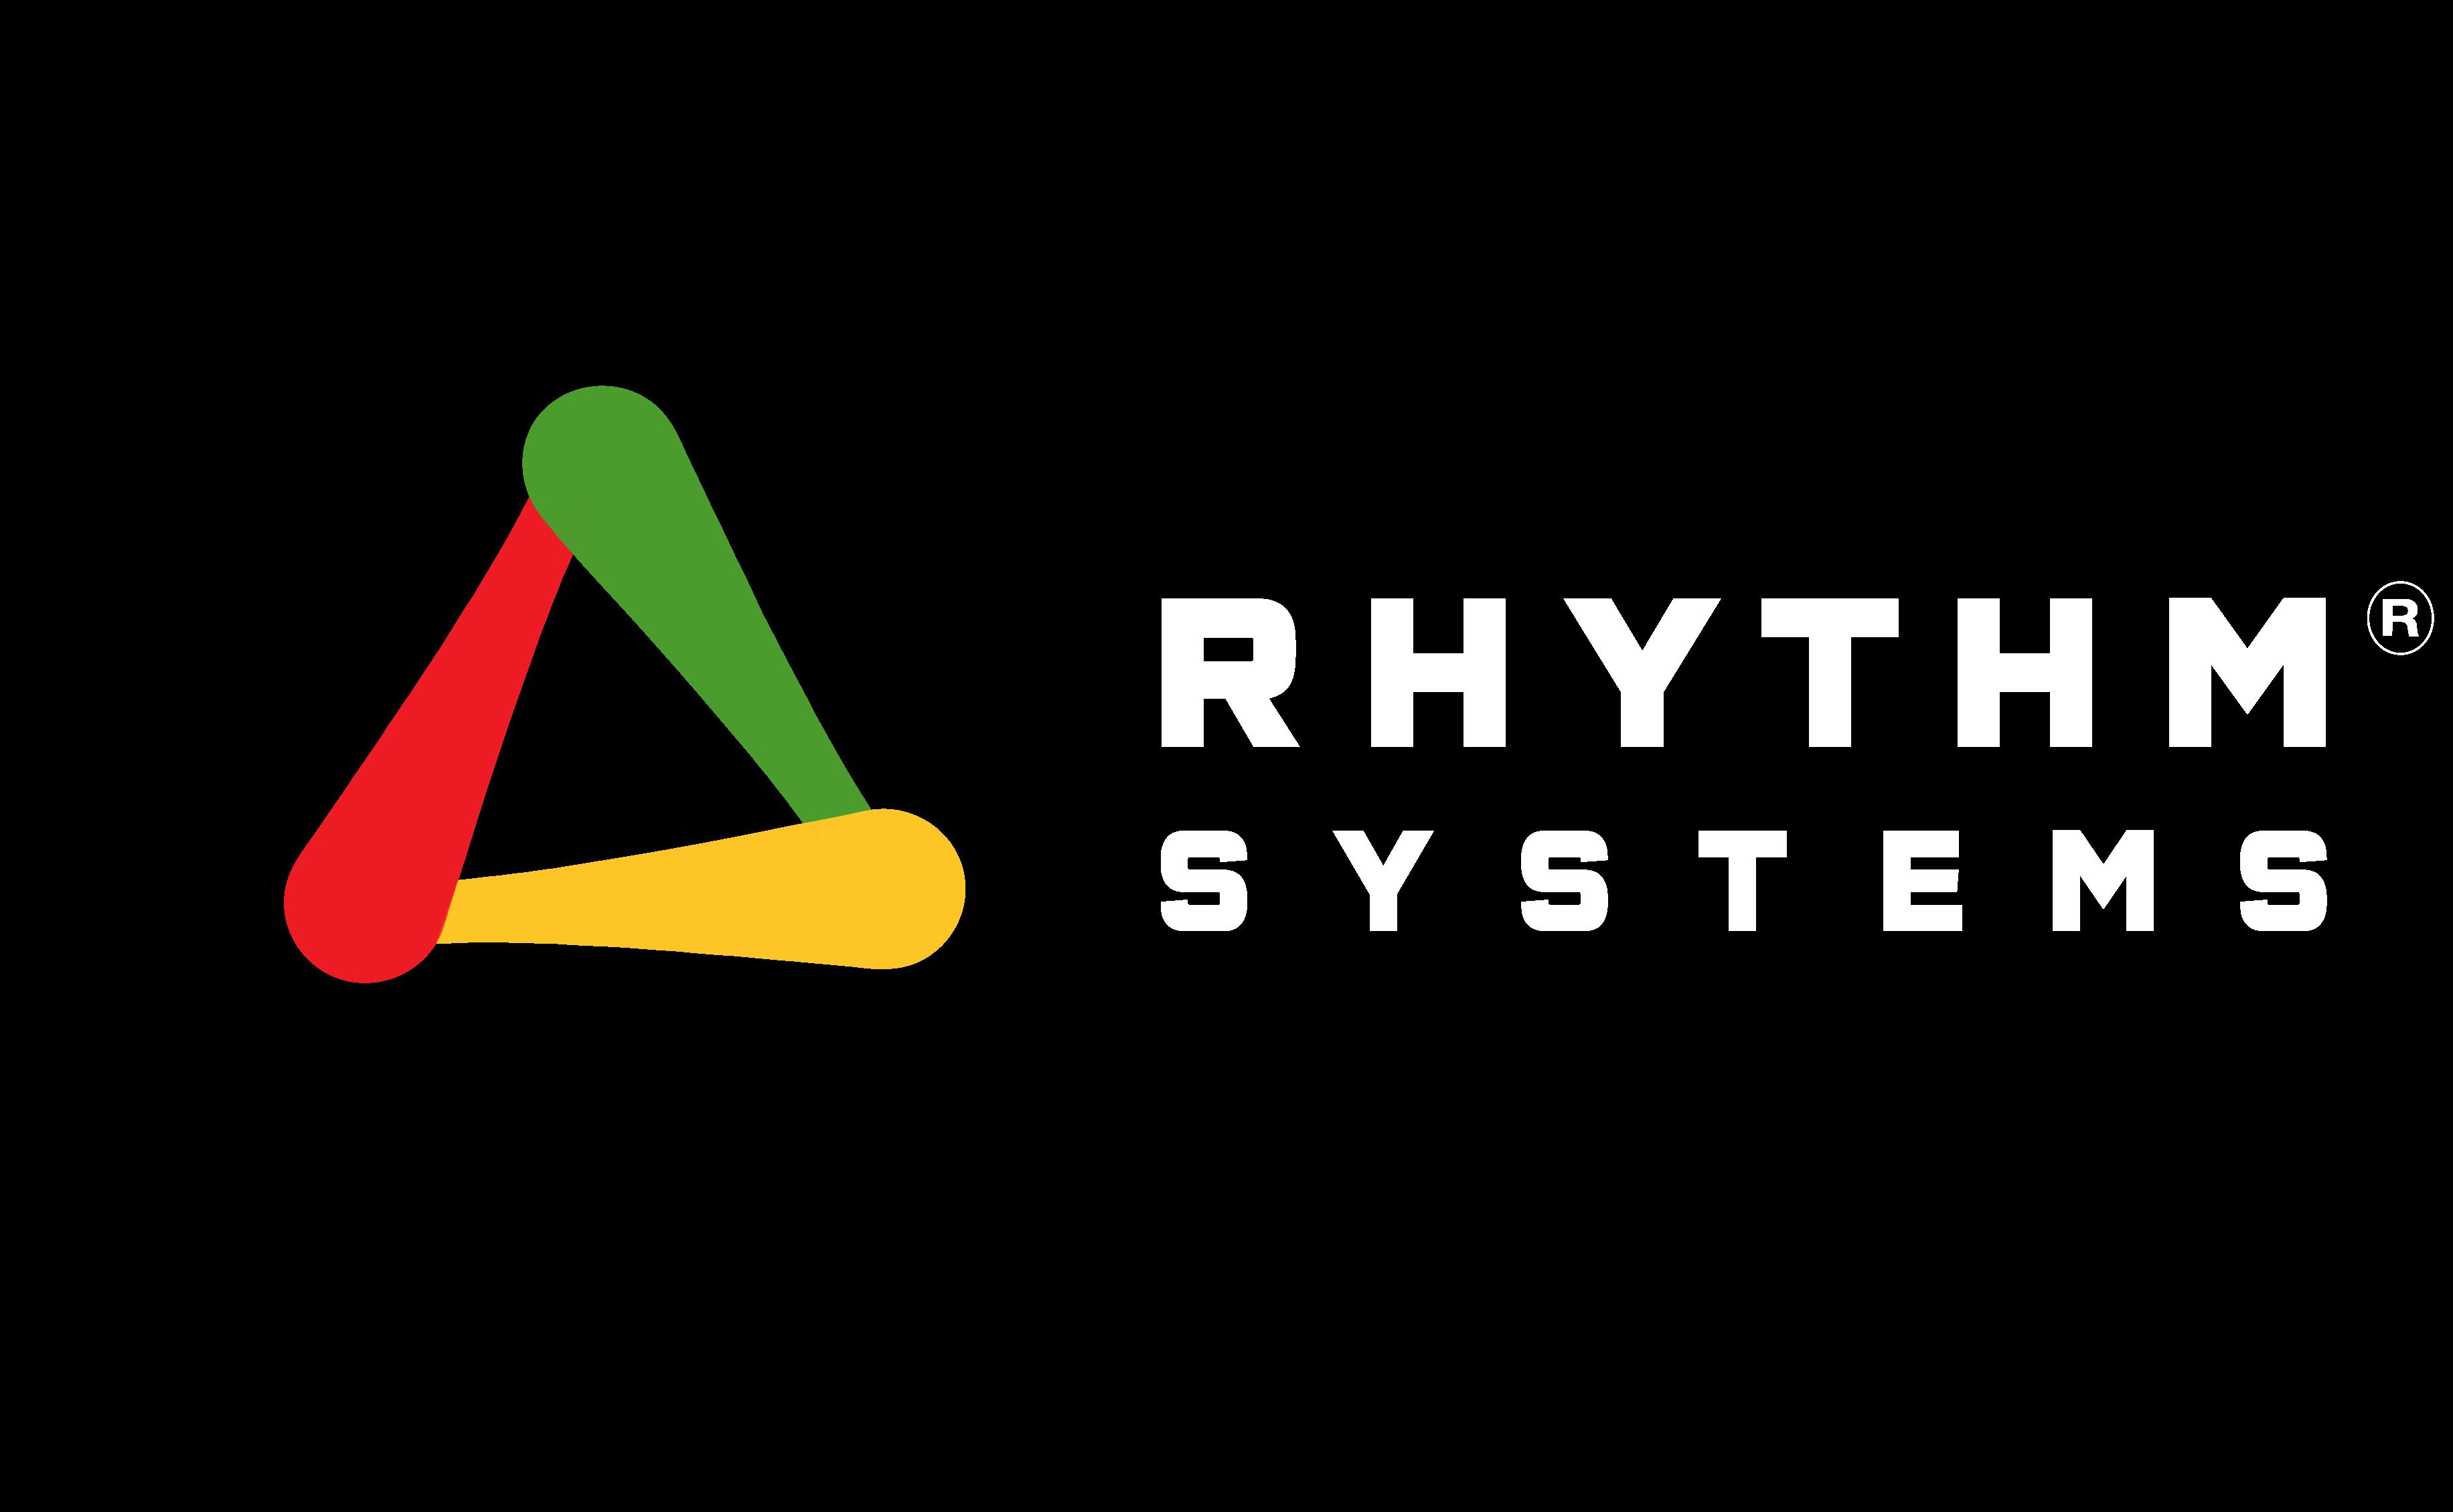 2019-RhythmSystems-WhiteLogo_3664